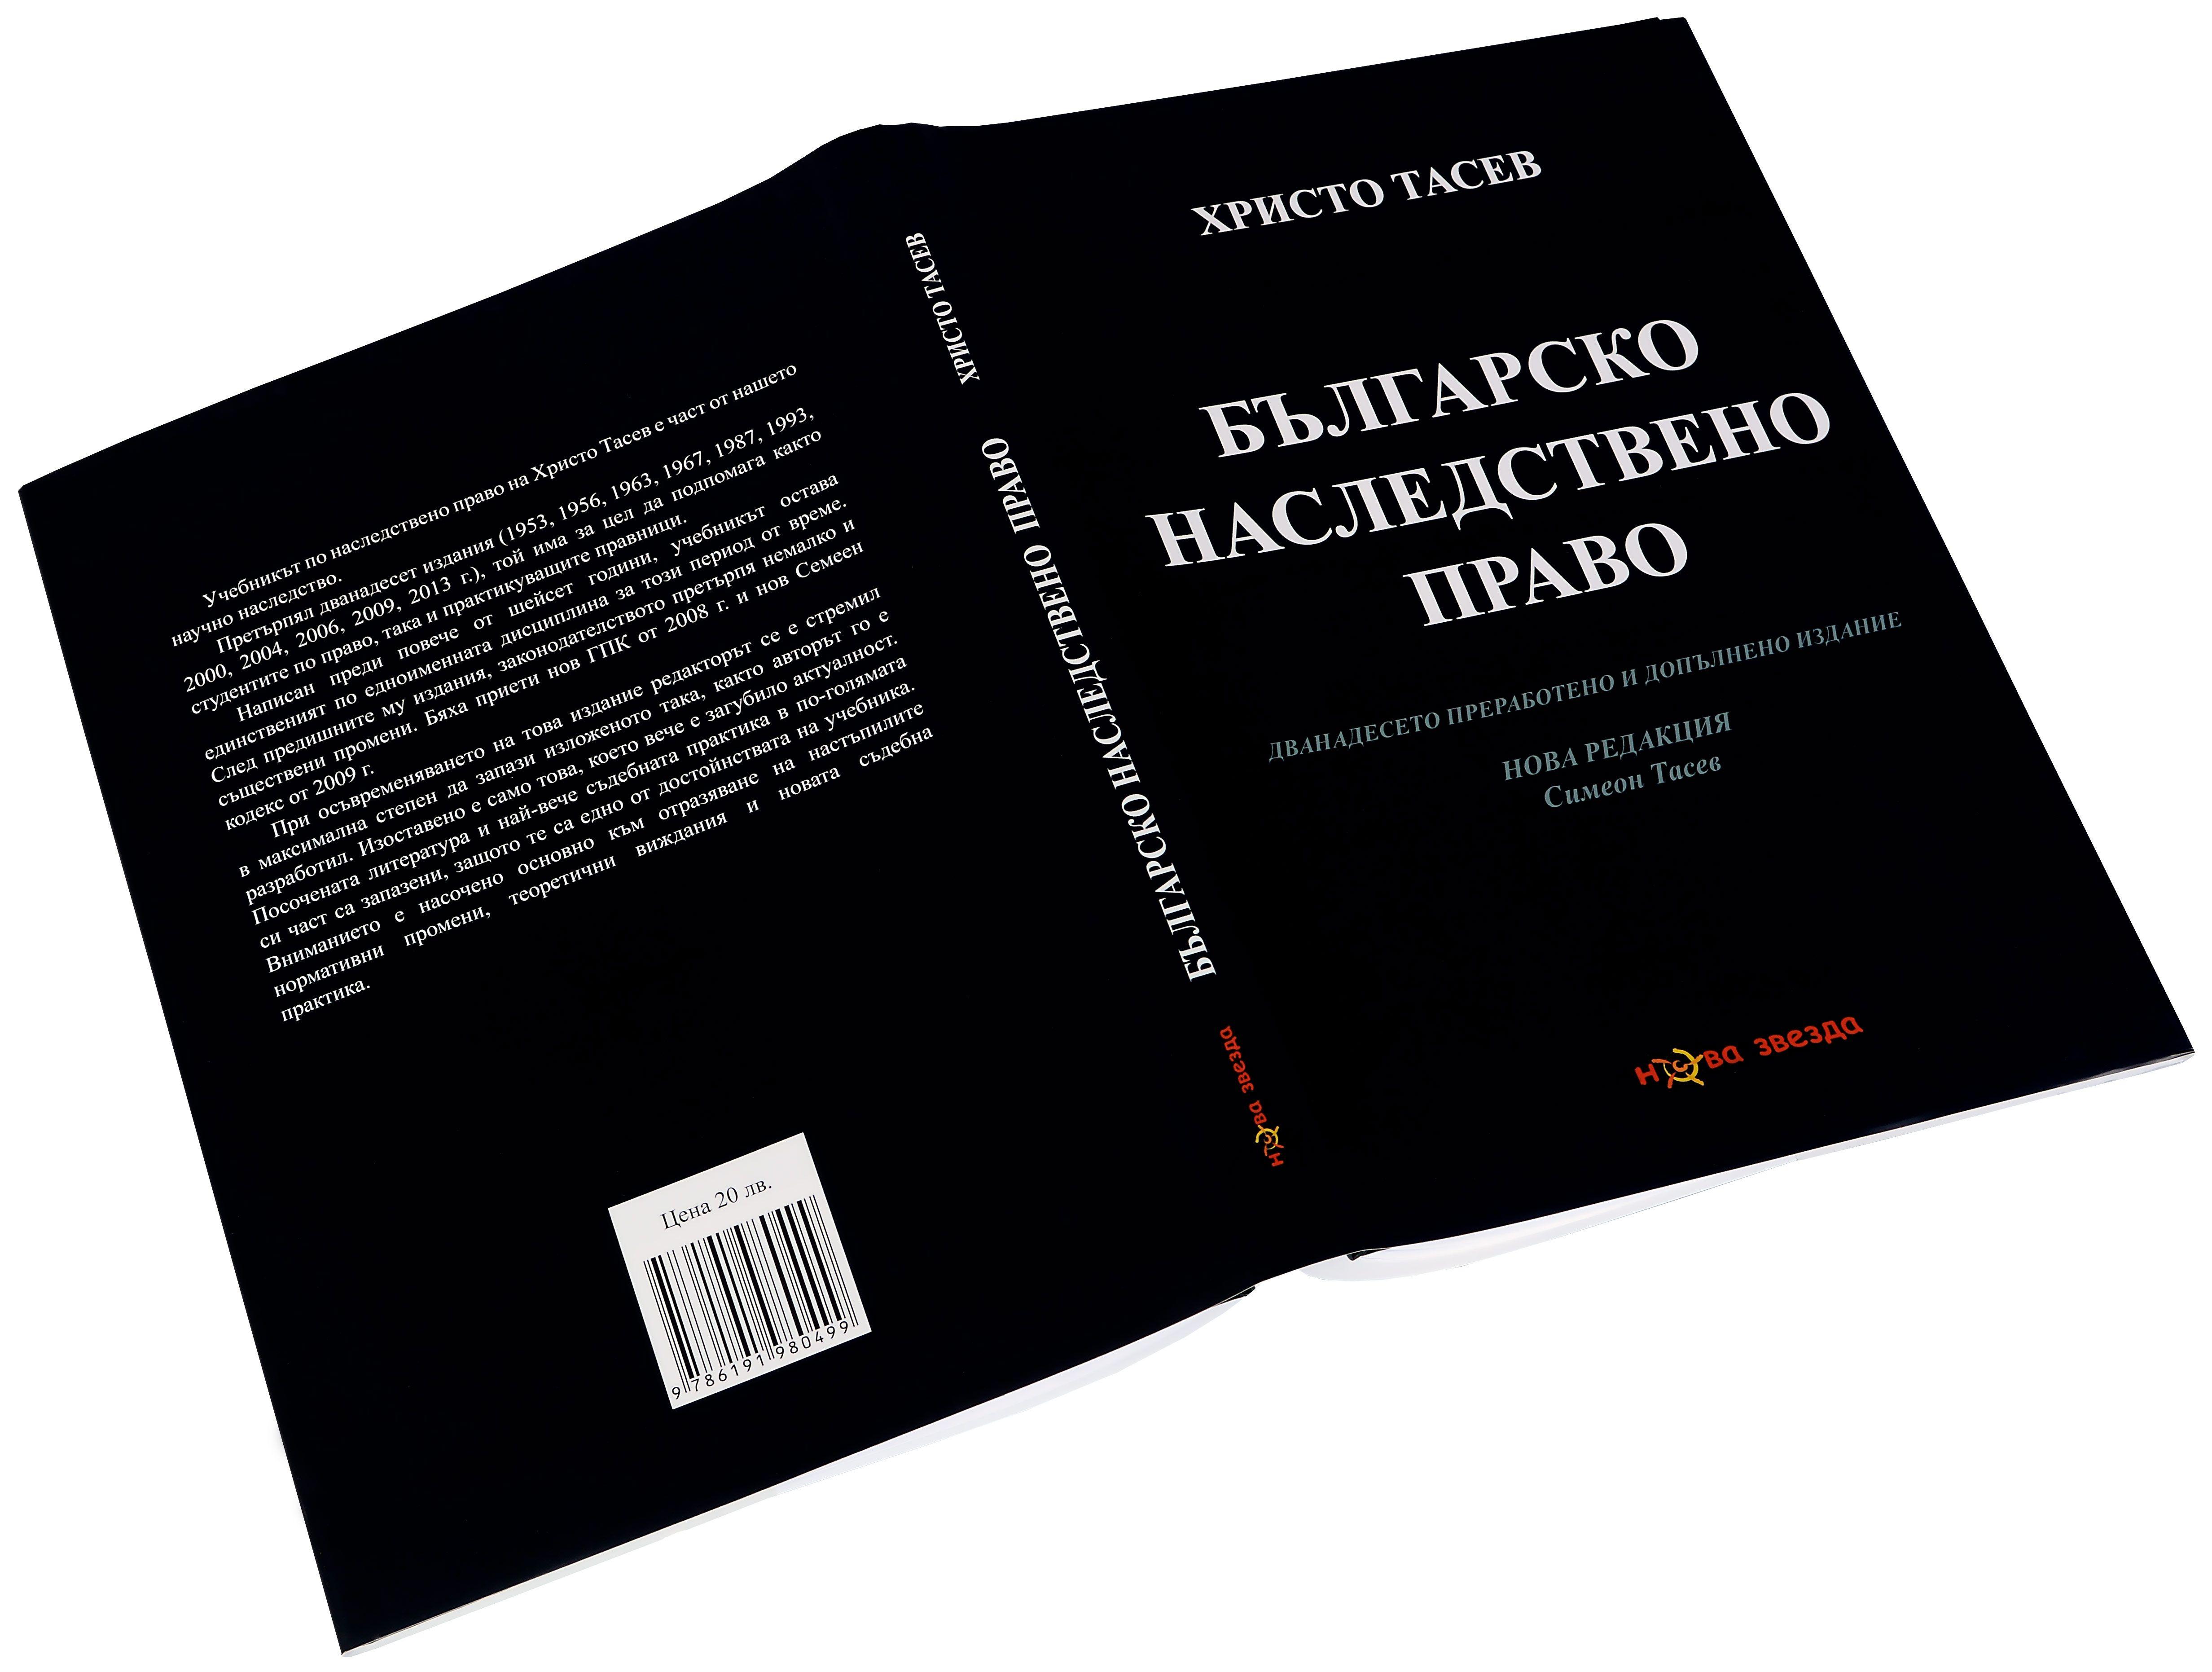 Българско наследствено право - 3